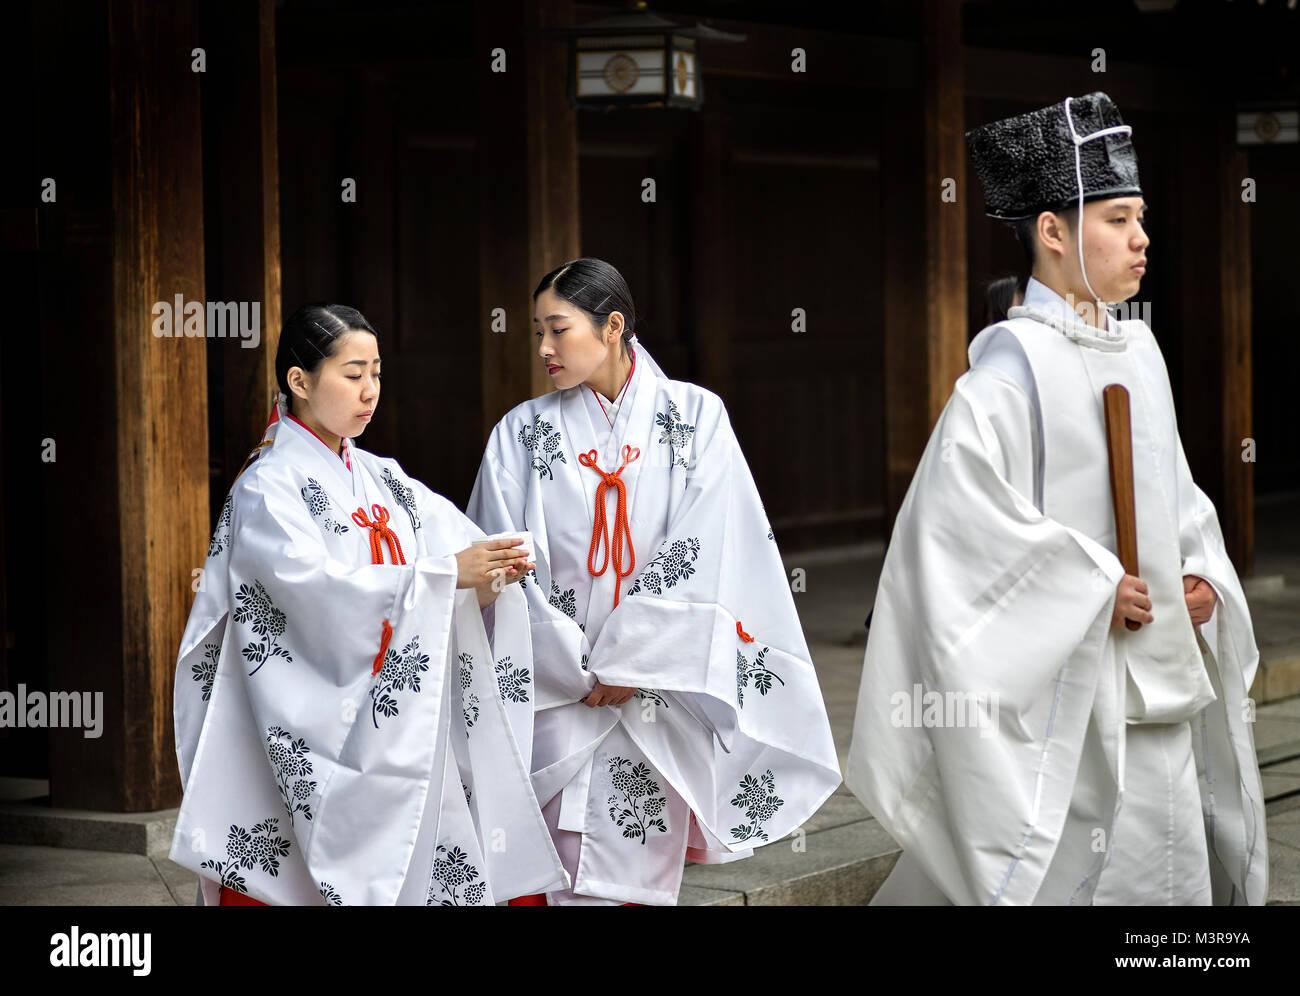 Giappone, isola di Honshu, Kanto, Tokyo, cerimonia di matrimonio. Immagini Stock